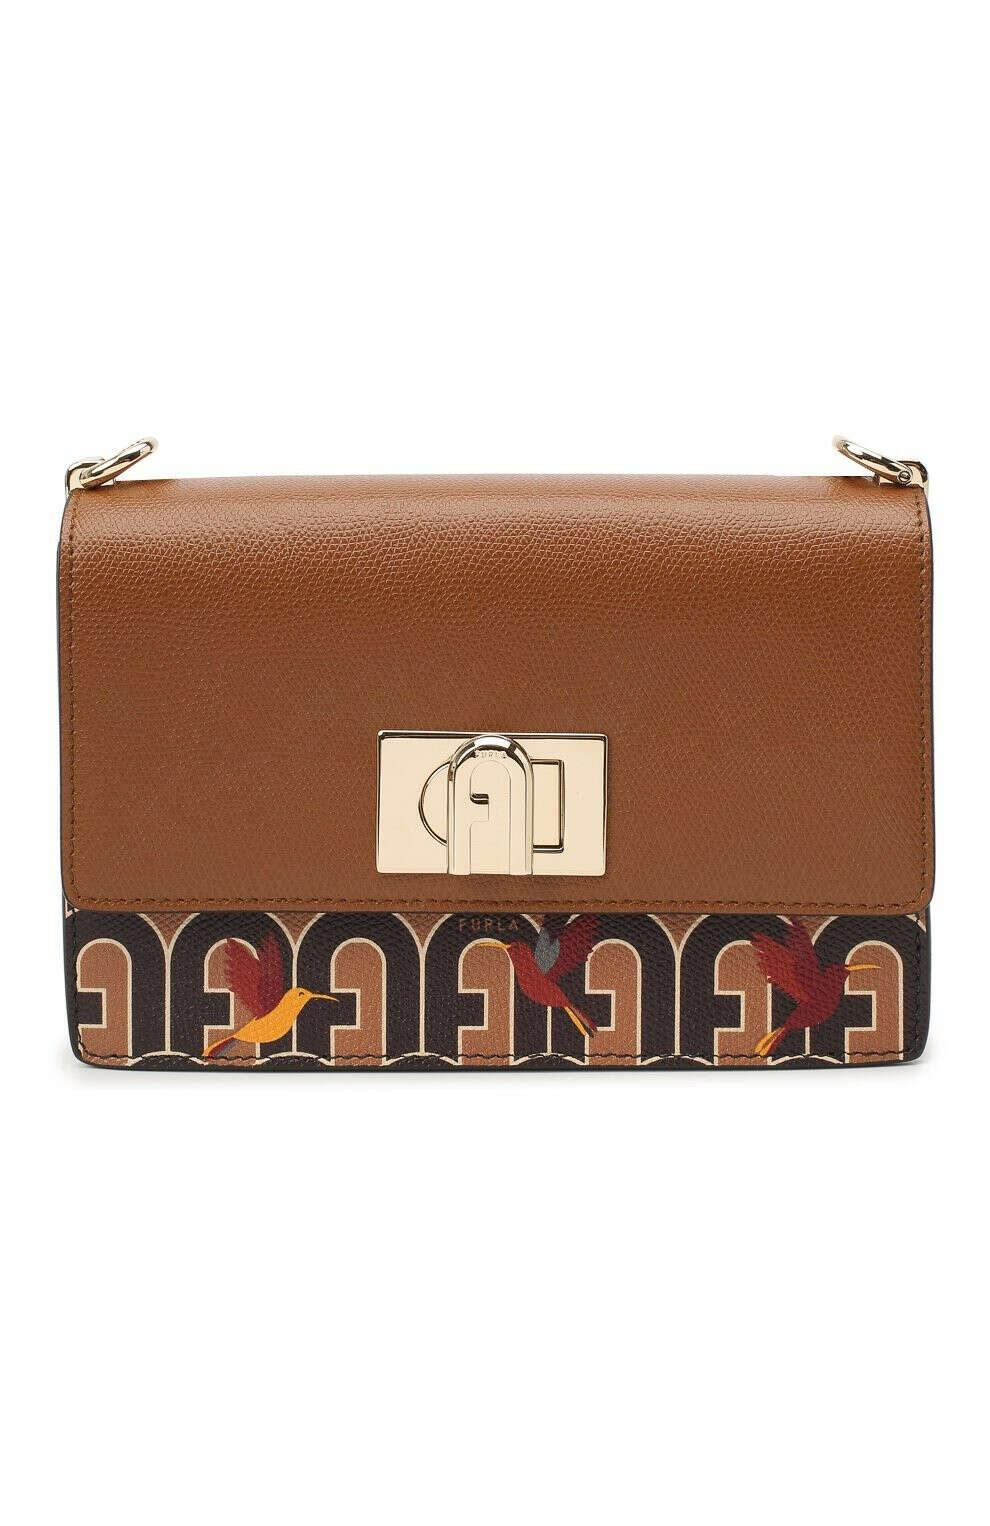 Женская коричневая сумка furla 1927 small FURLA — купить за 26500 руб. в интернет-магазине ЦУМ, арт. BAFKACO/A.0067